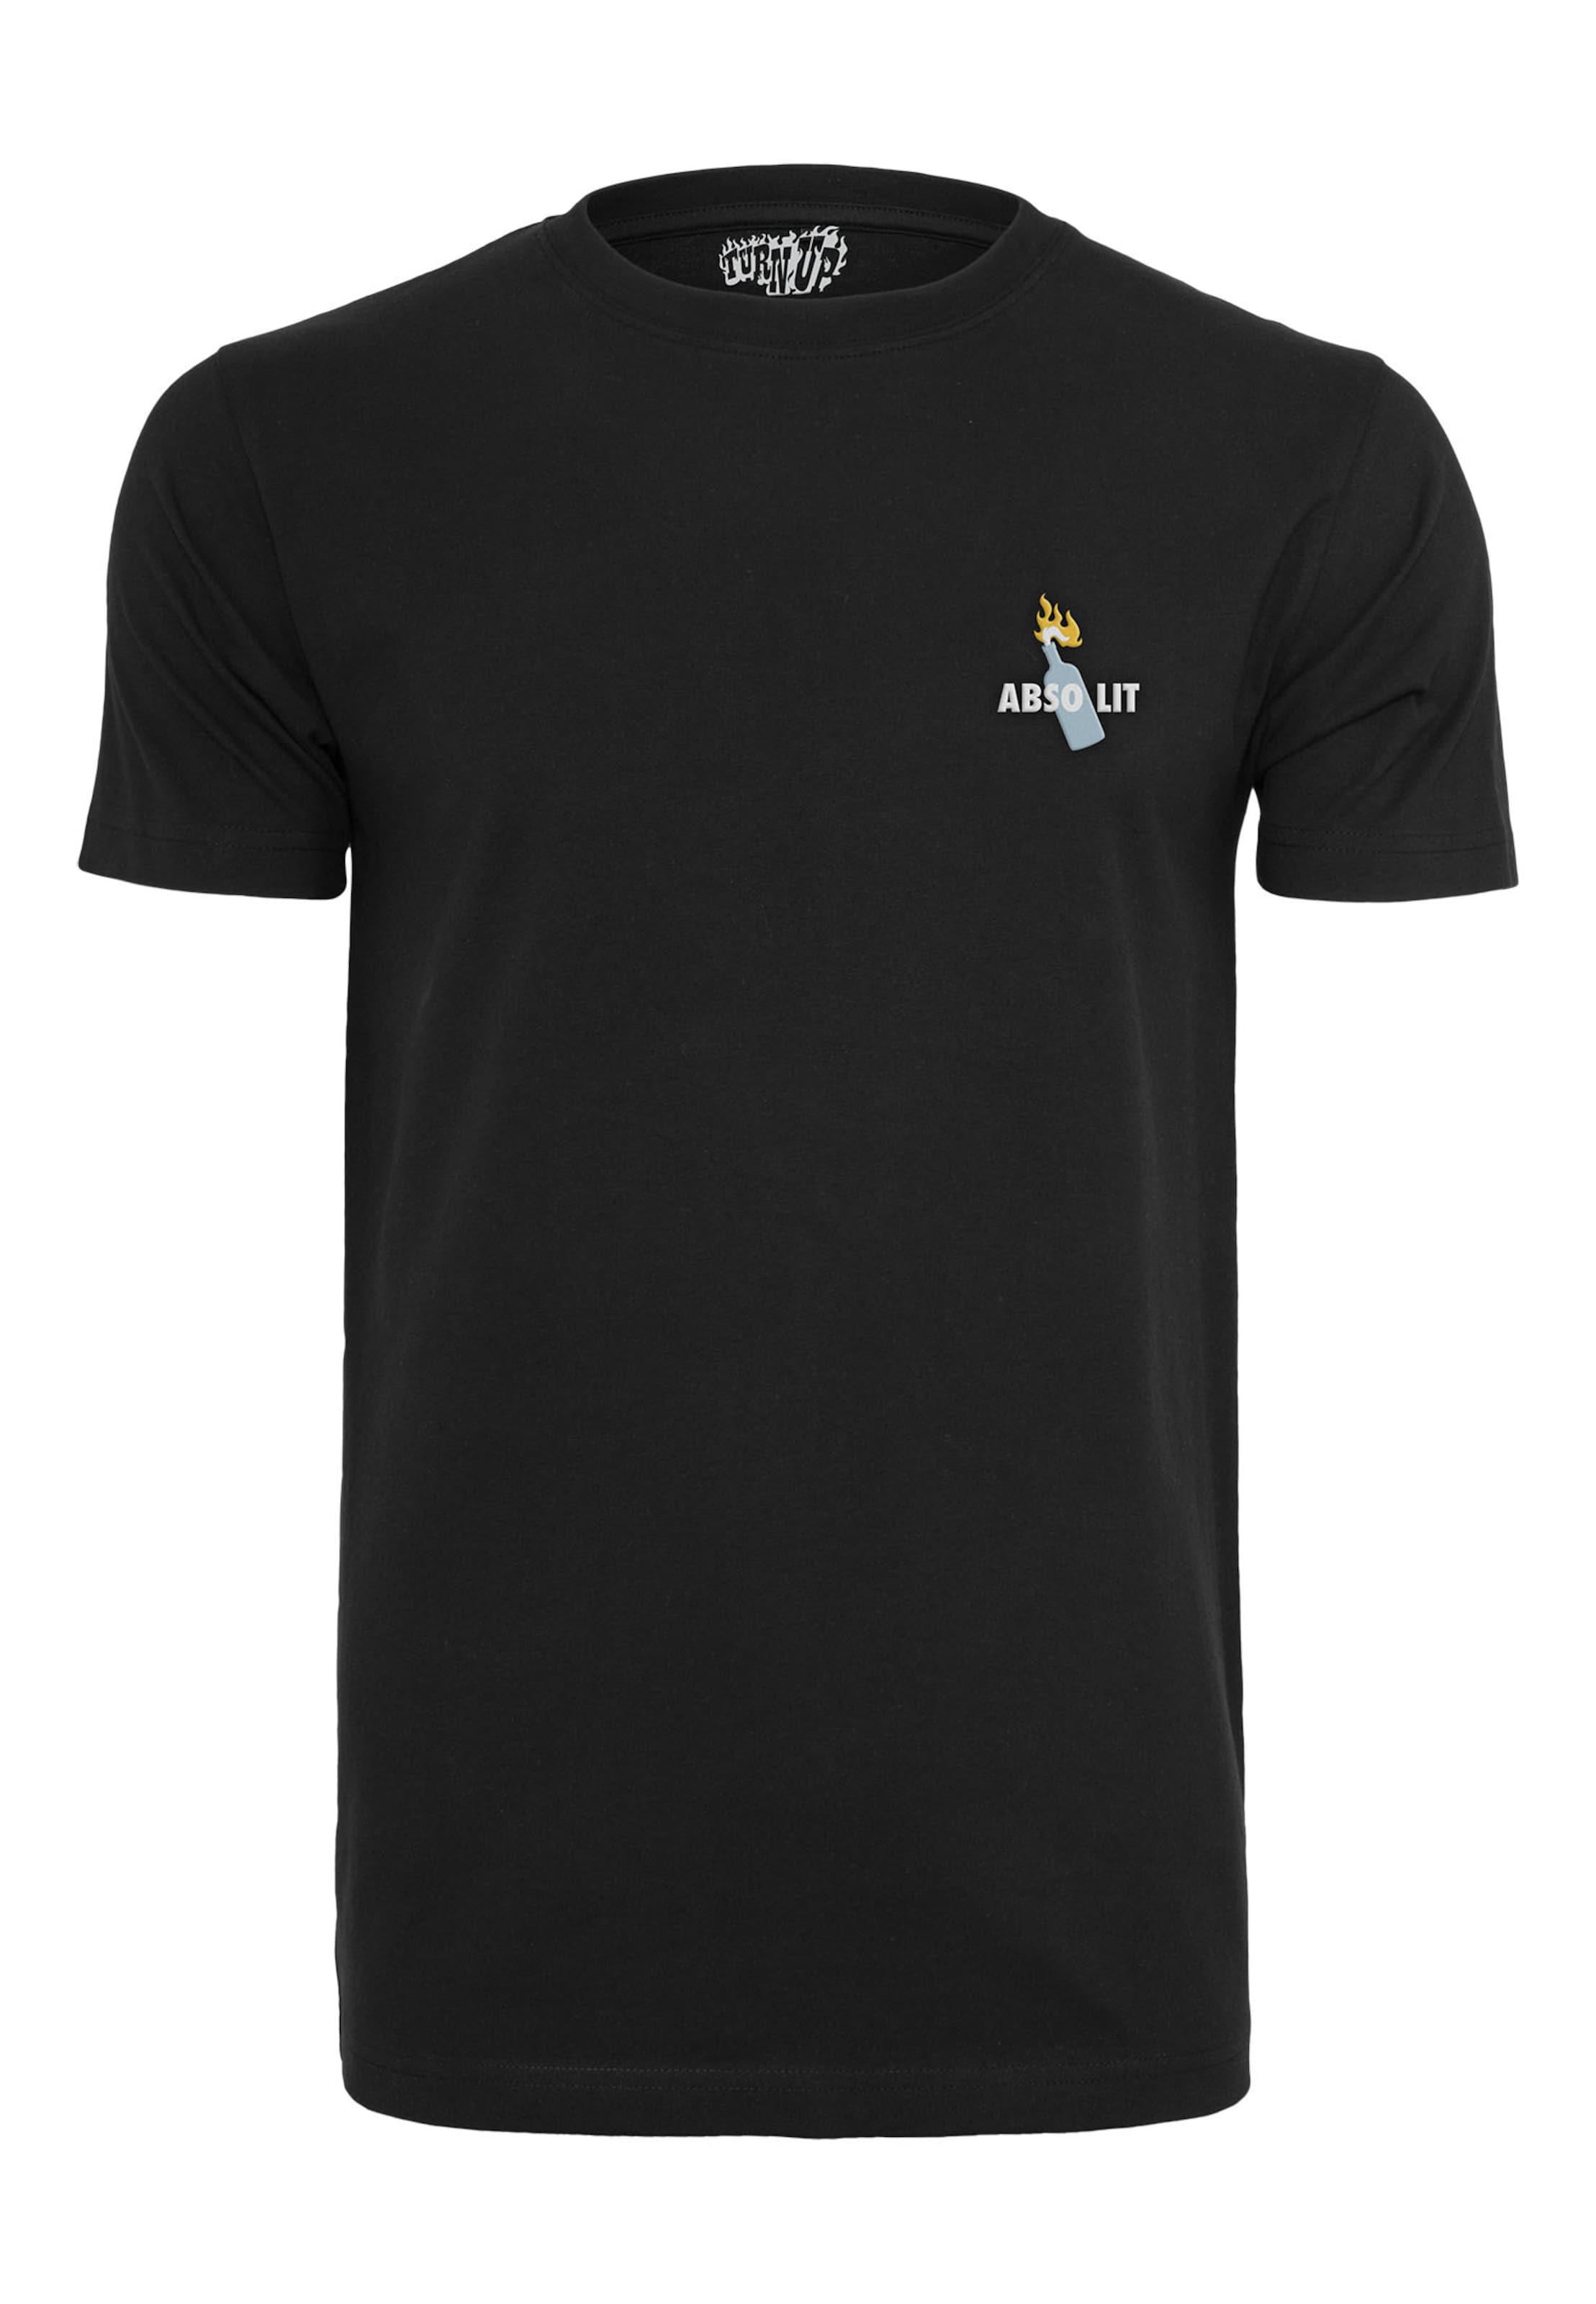 T In 'absolit' Mister Tee shirt Schwarz thdCsrQx